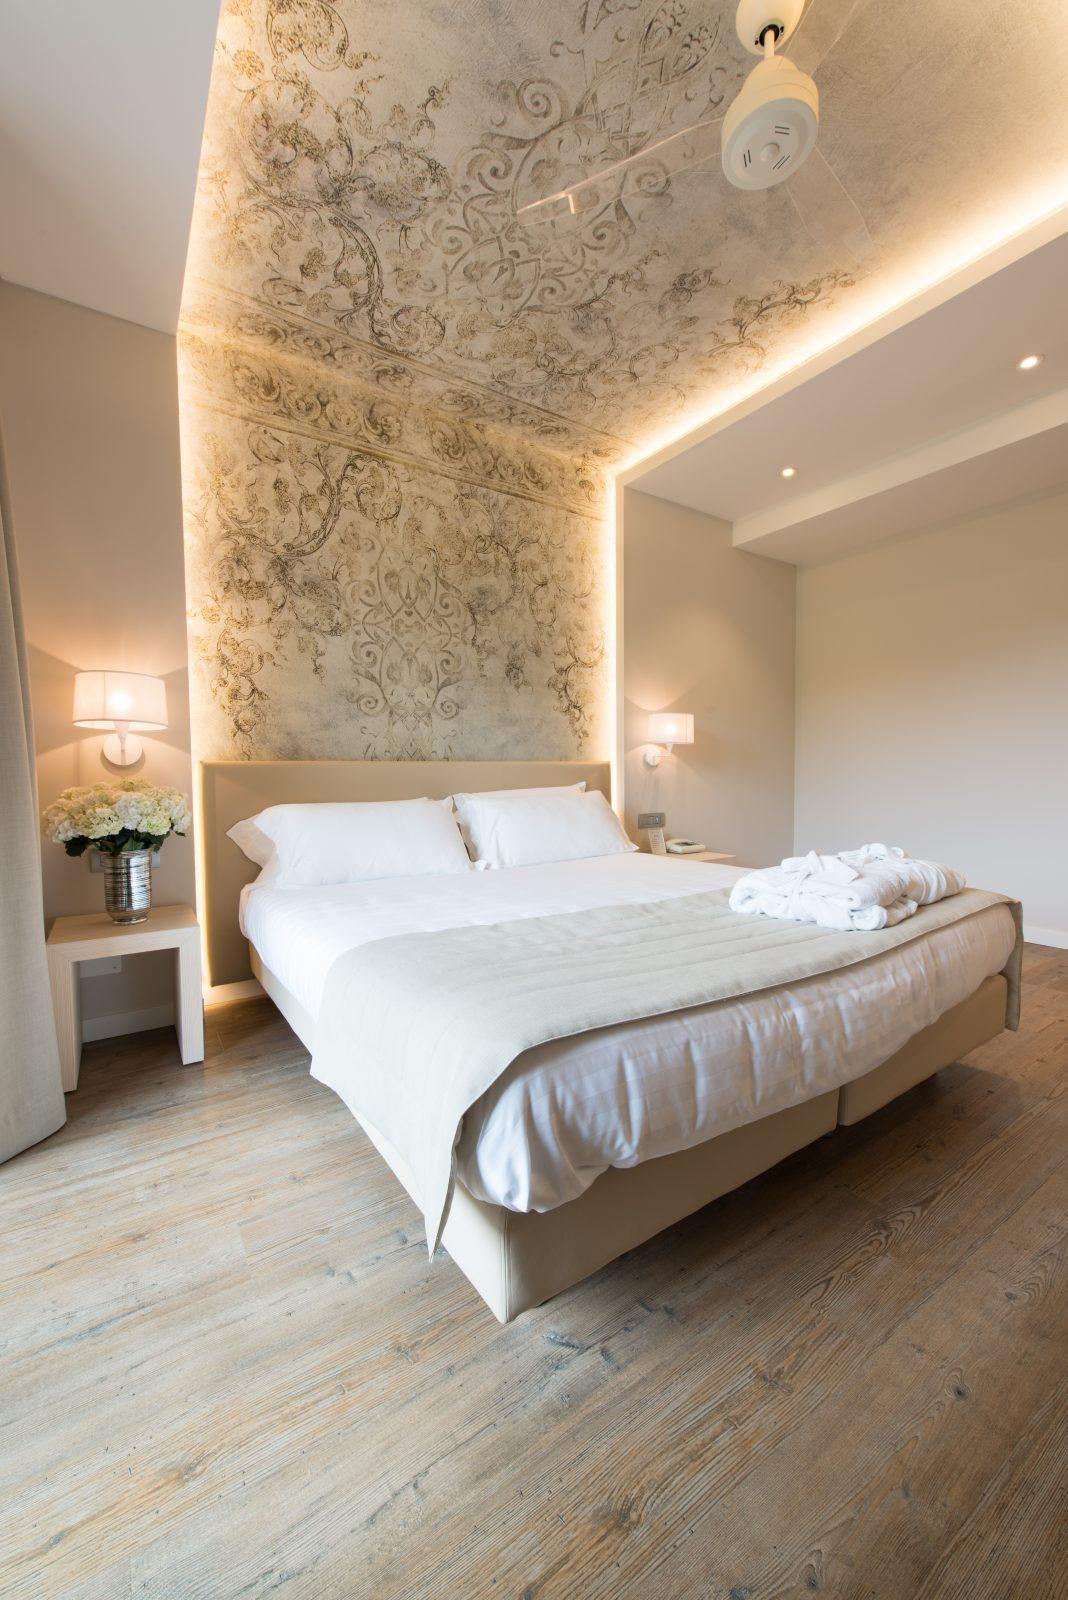 Hotel con idromassaggio in camera hotel spa miramonti - Camere da letto luxury ...